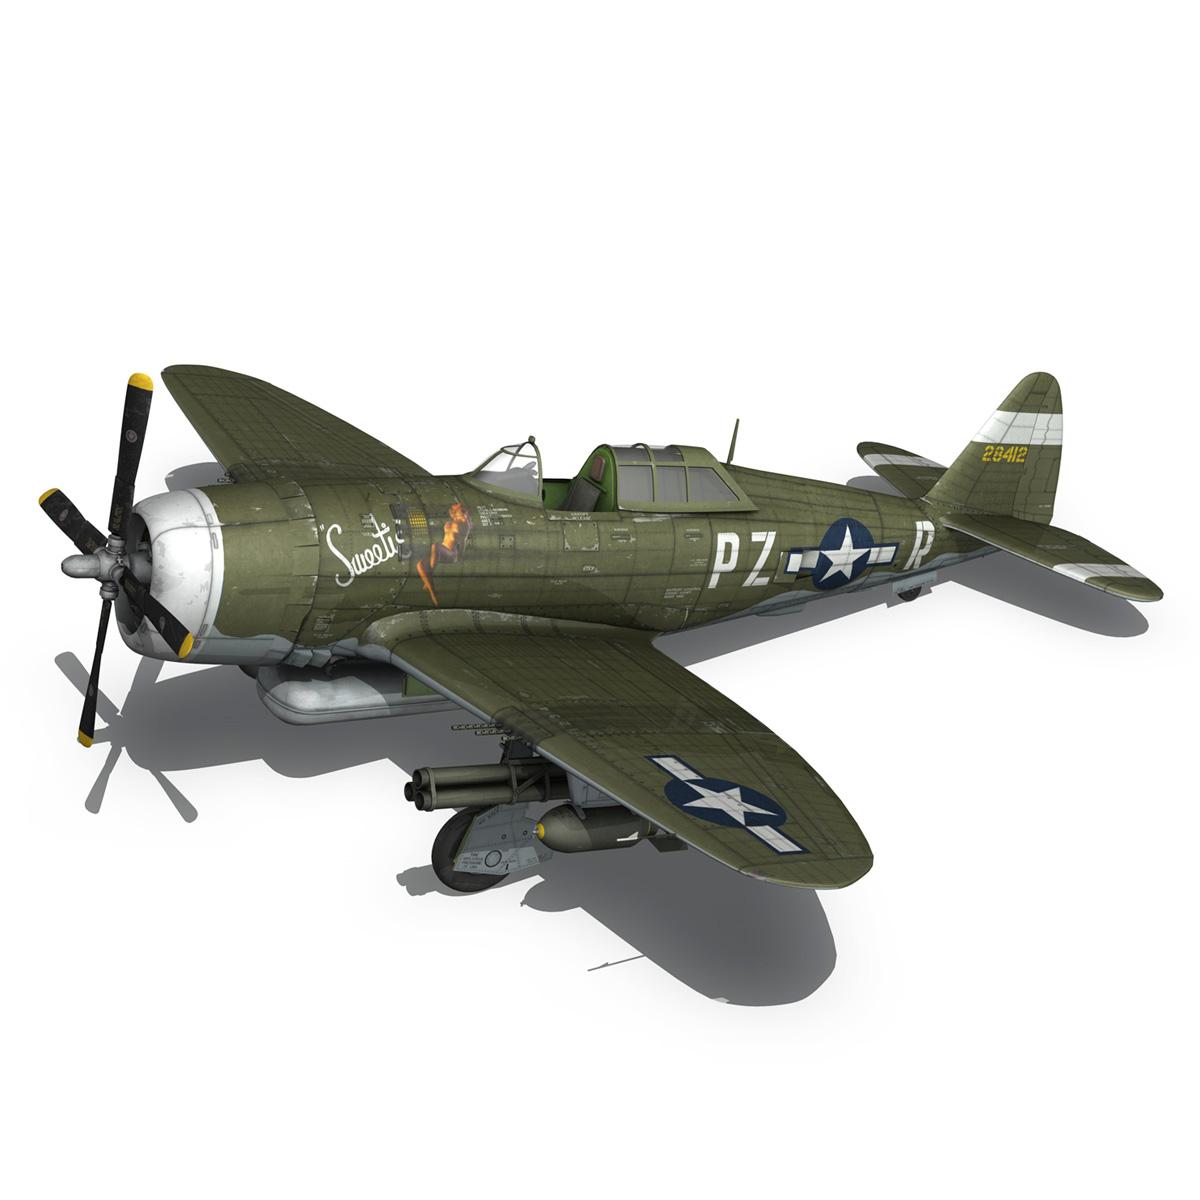 republic p-47d thunderbolt – sweetie – pz-r 3d model 3ds fbx c4d lwo obj 281841